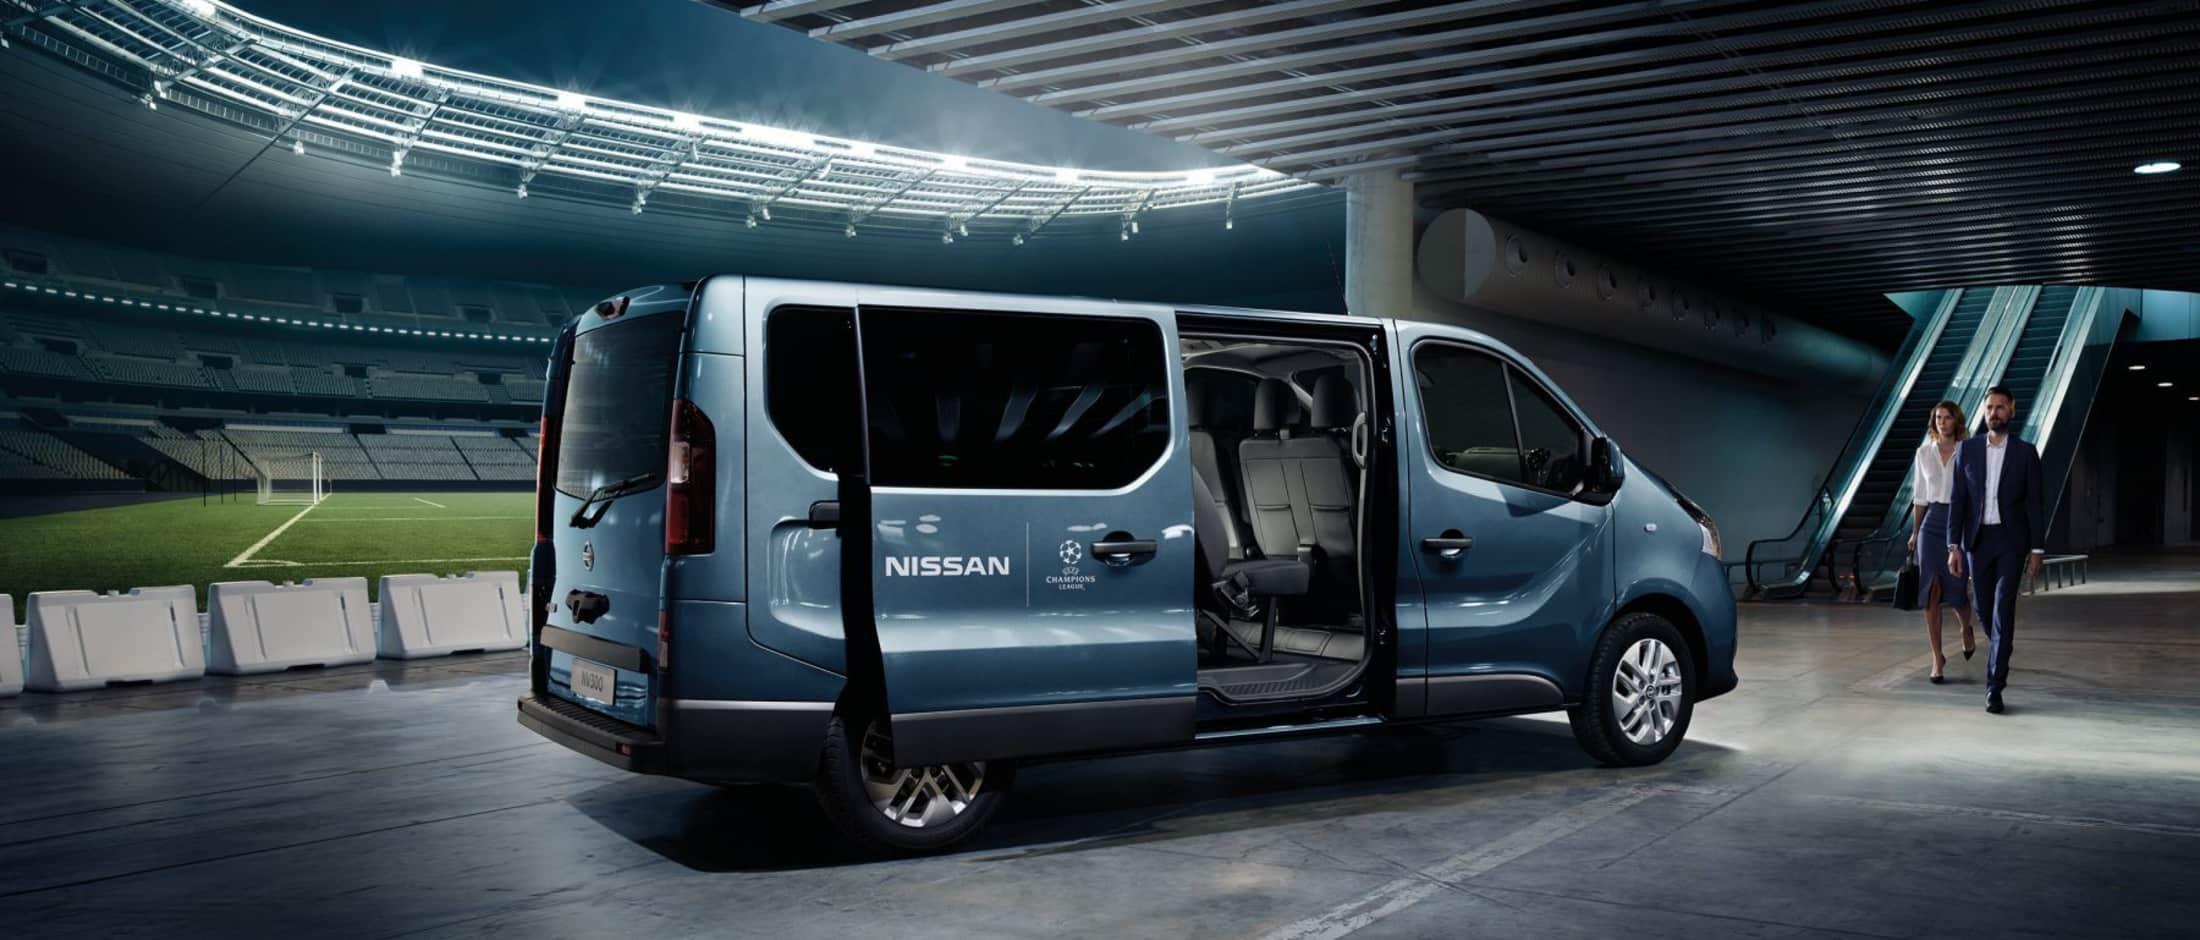 En blå Nissan NV300 står parkert ved en fotballbane. Den har Nissan logo på sidedøren, og det er to personer på vei mot bilen.